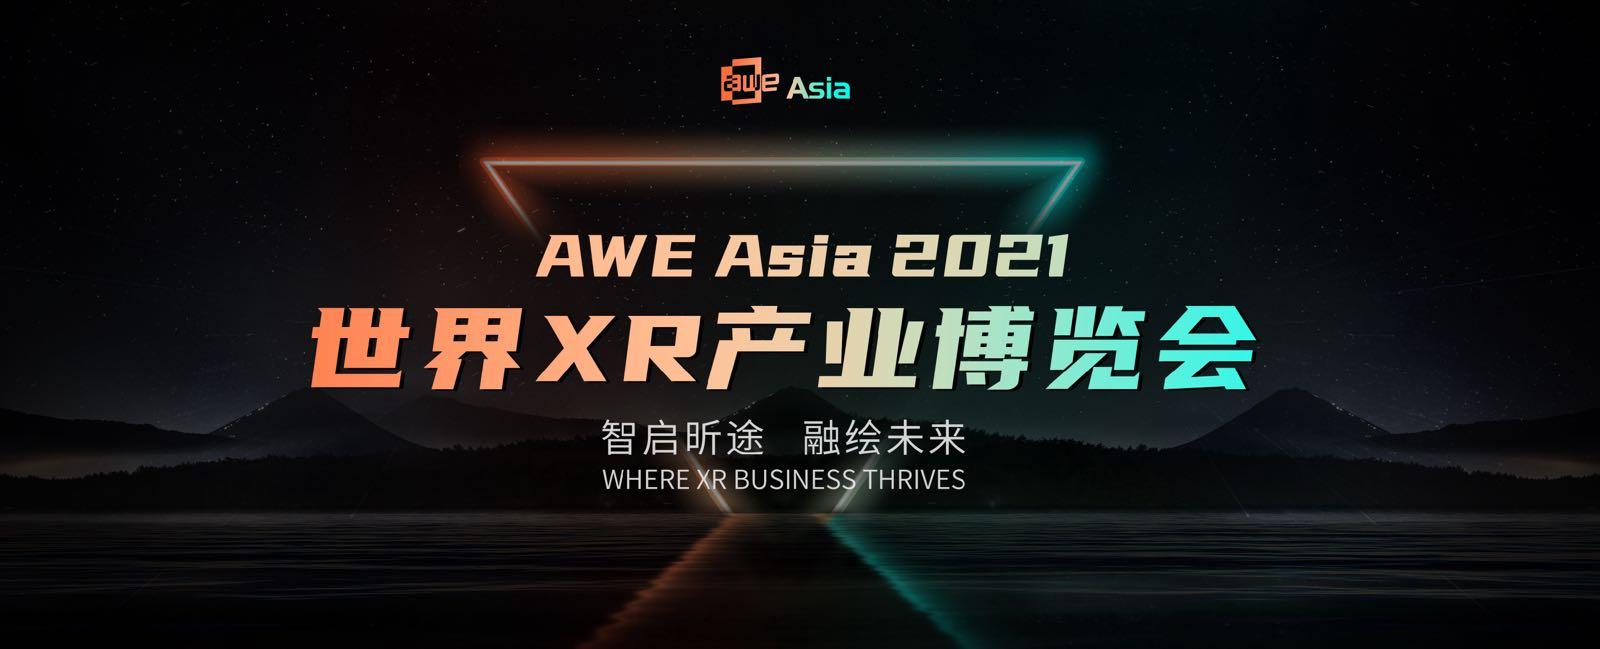 AWE Asia 2021